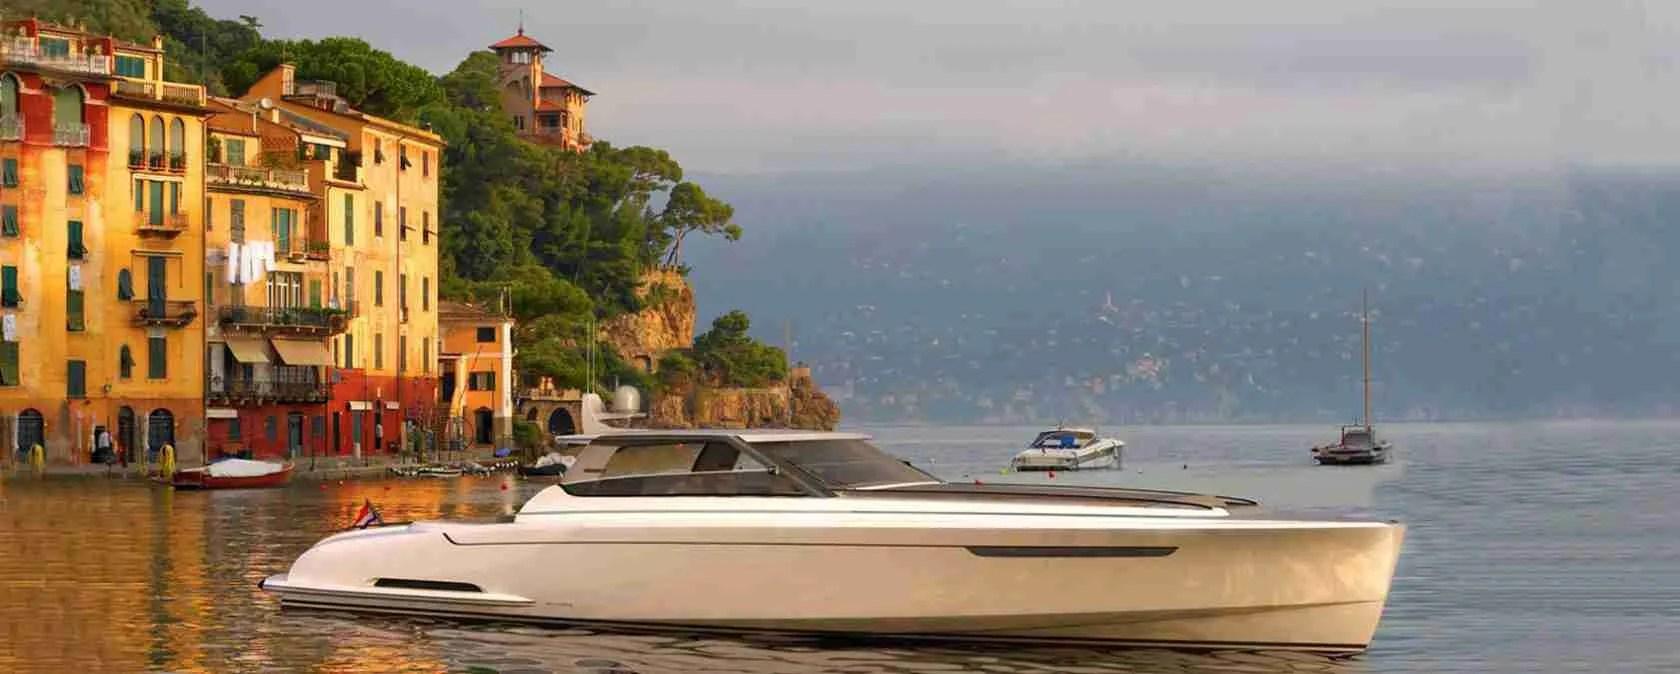 Le escort Lecco sognano un week end di passione a Bellagio, a bordo di un fantastico yacht.